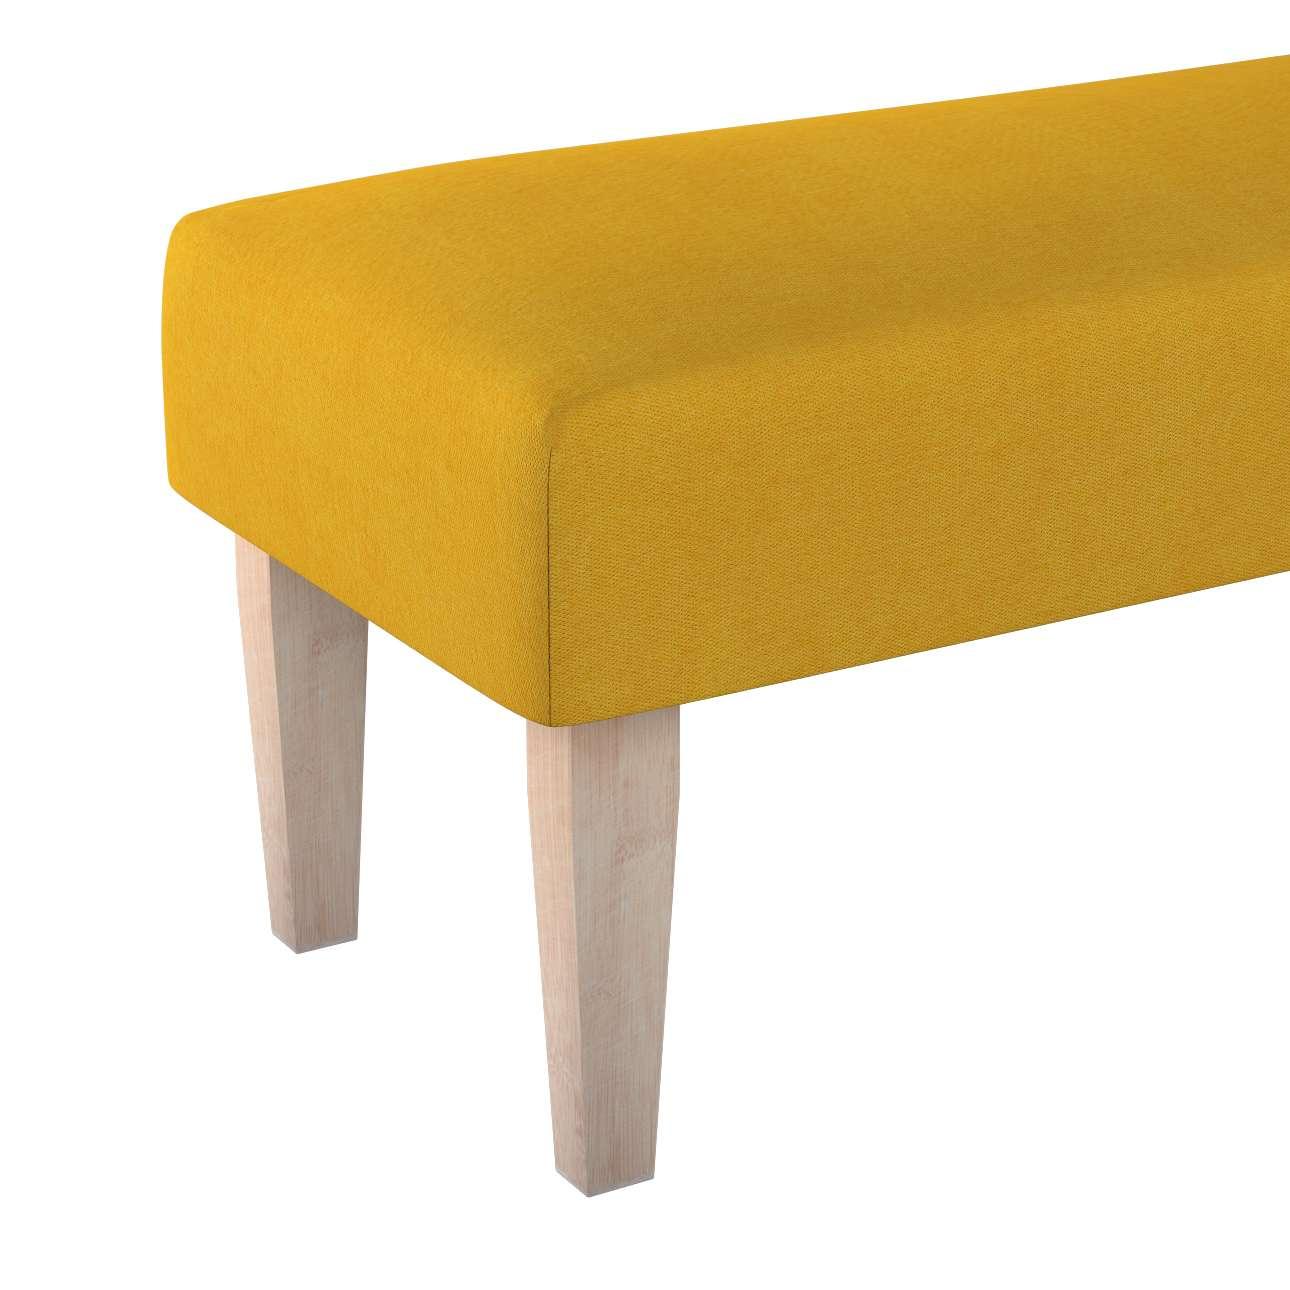 Sitzbank 100cm von der Kollektion Etna, Stoff: 705-04